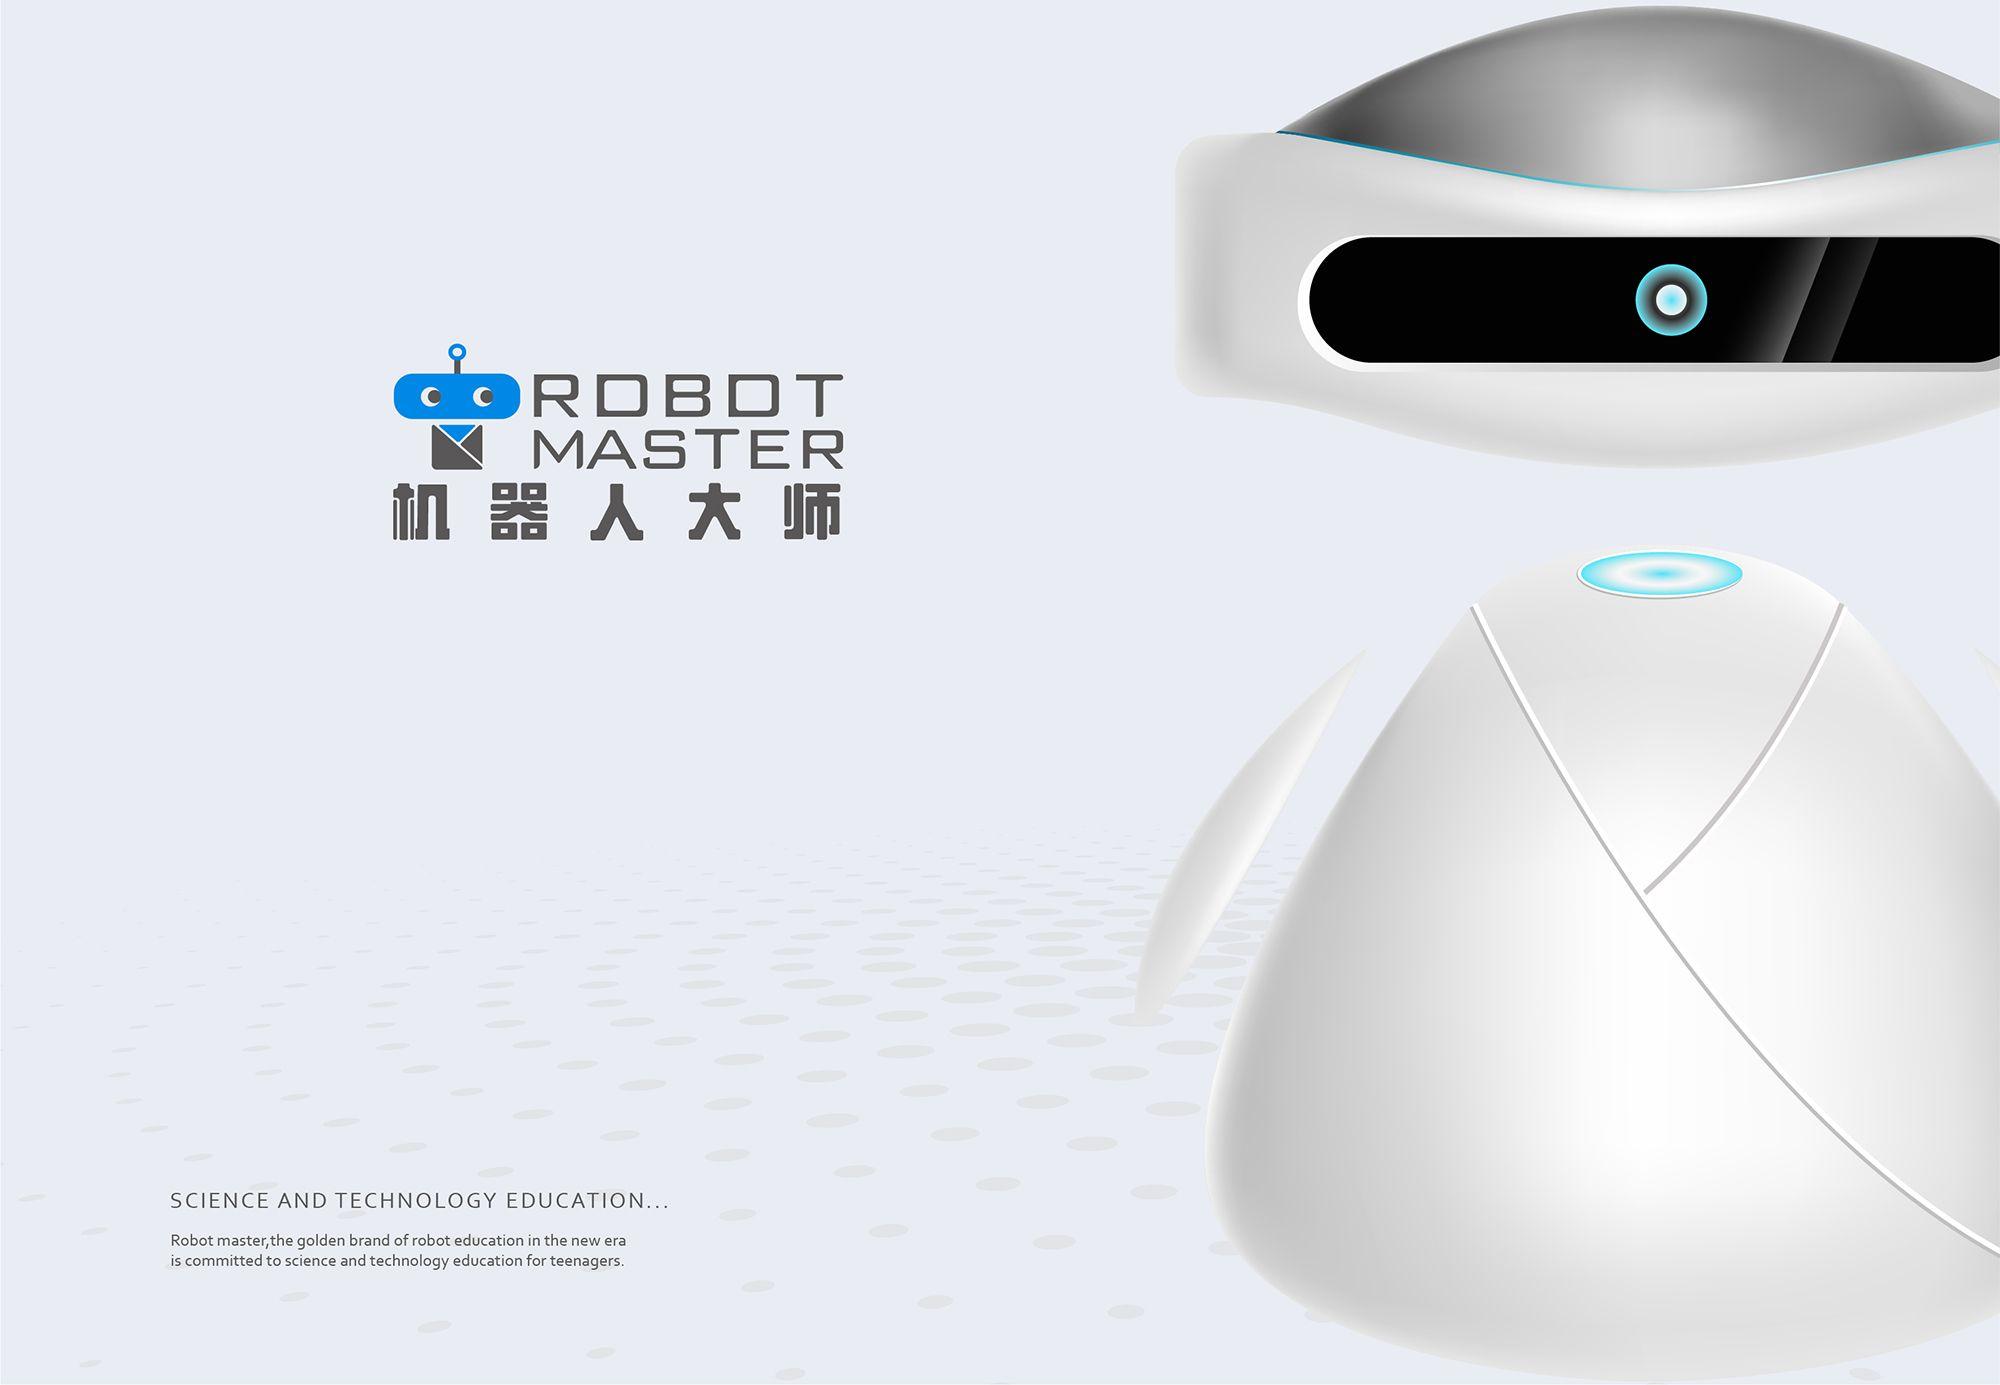 机器人大师品牌_画板-20-副本-2.jpg